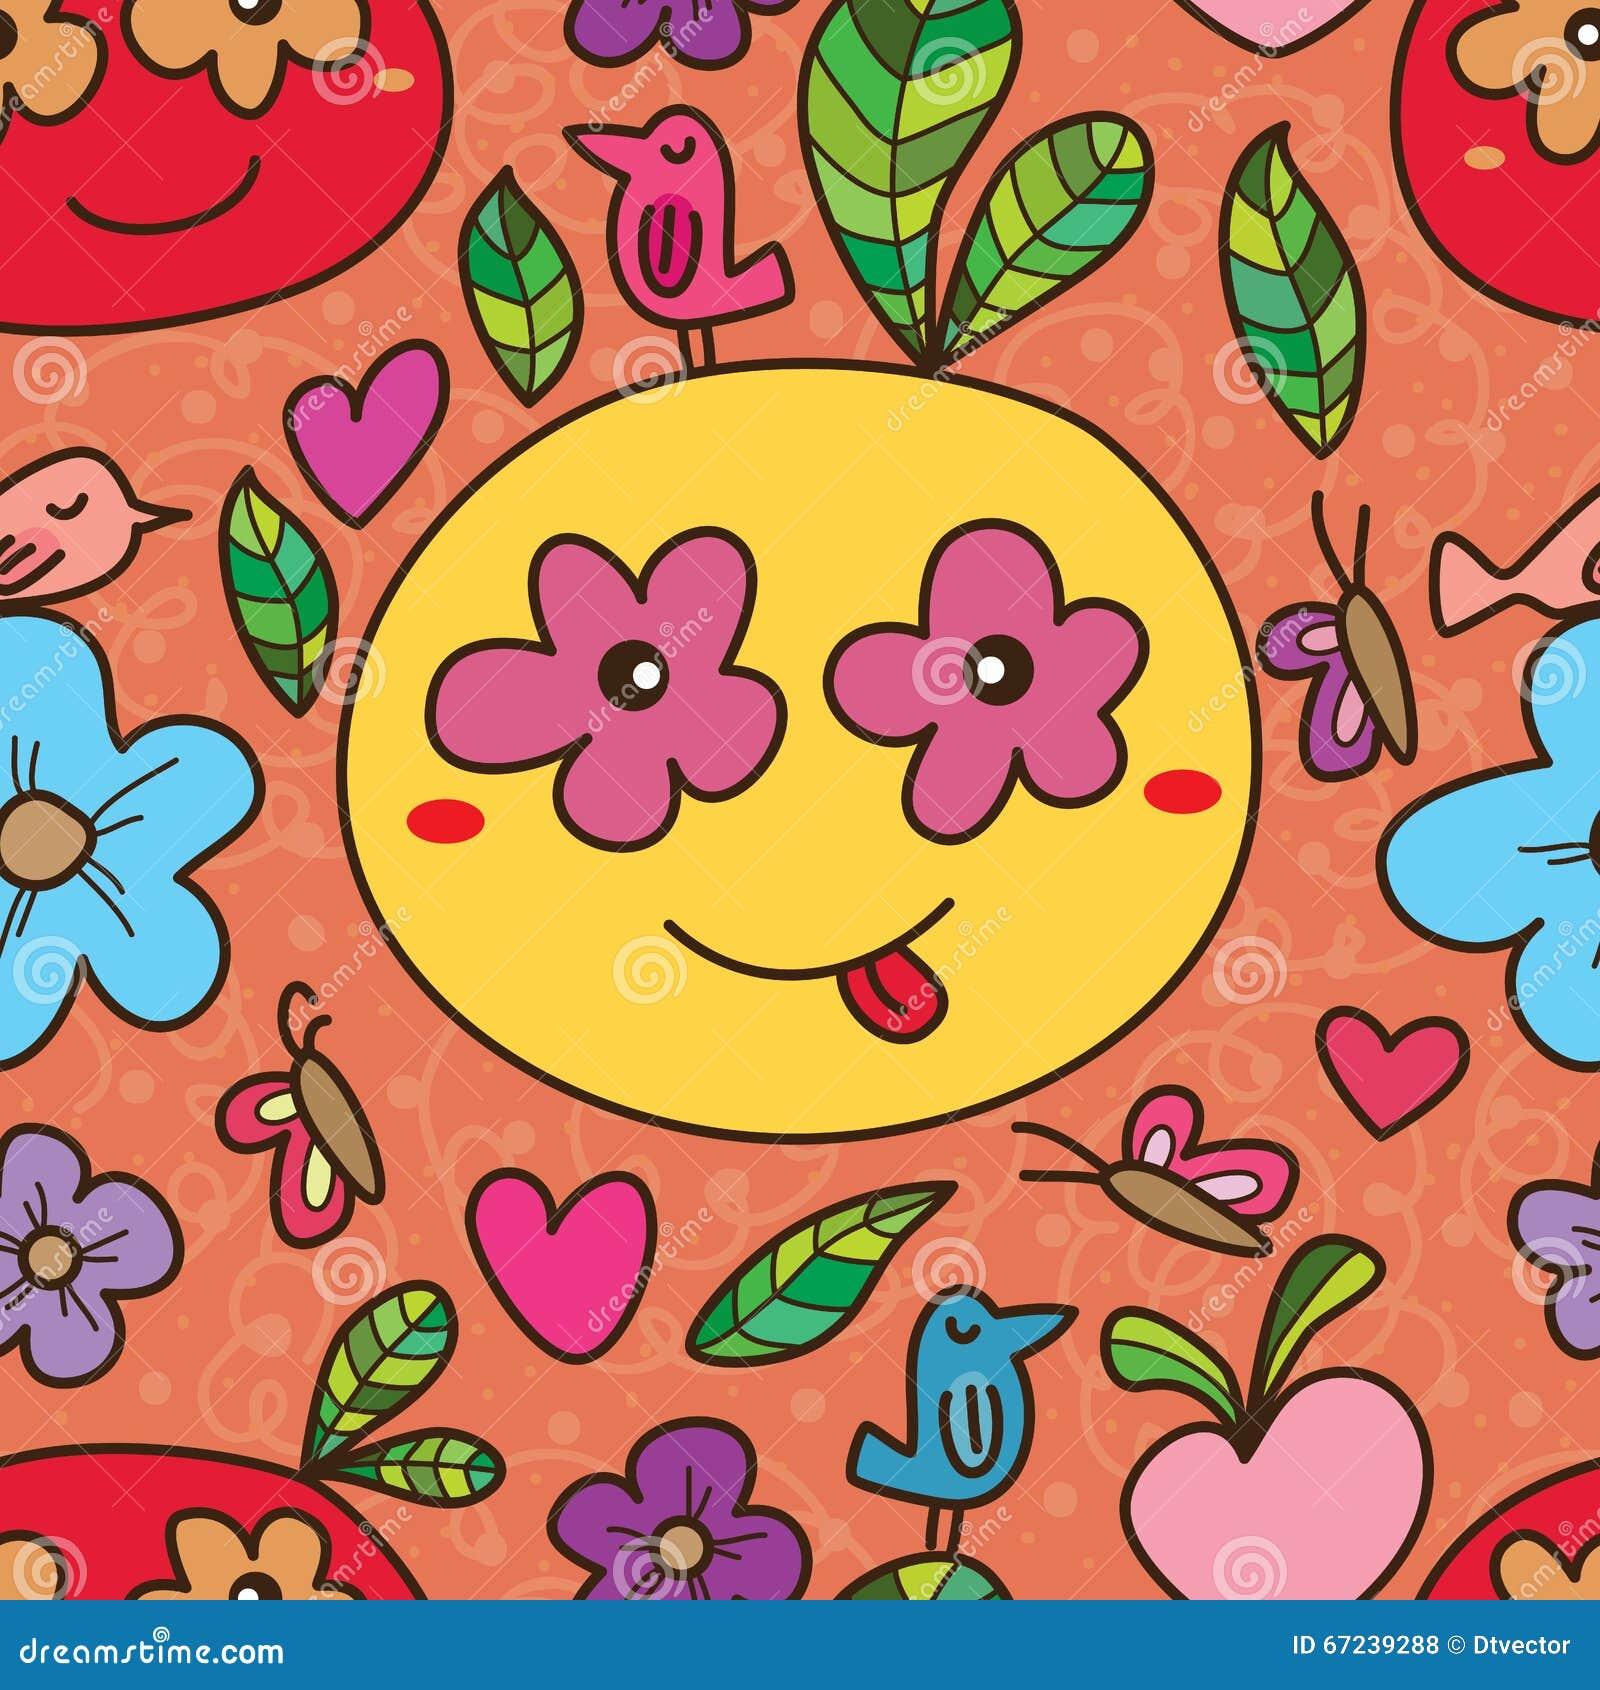 Mascot Eye On Flower Seamless Pattern Stock Vector Illustration